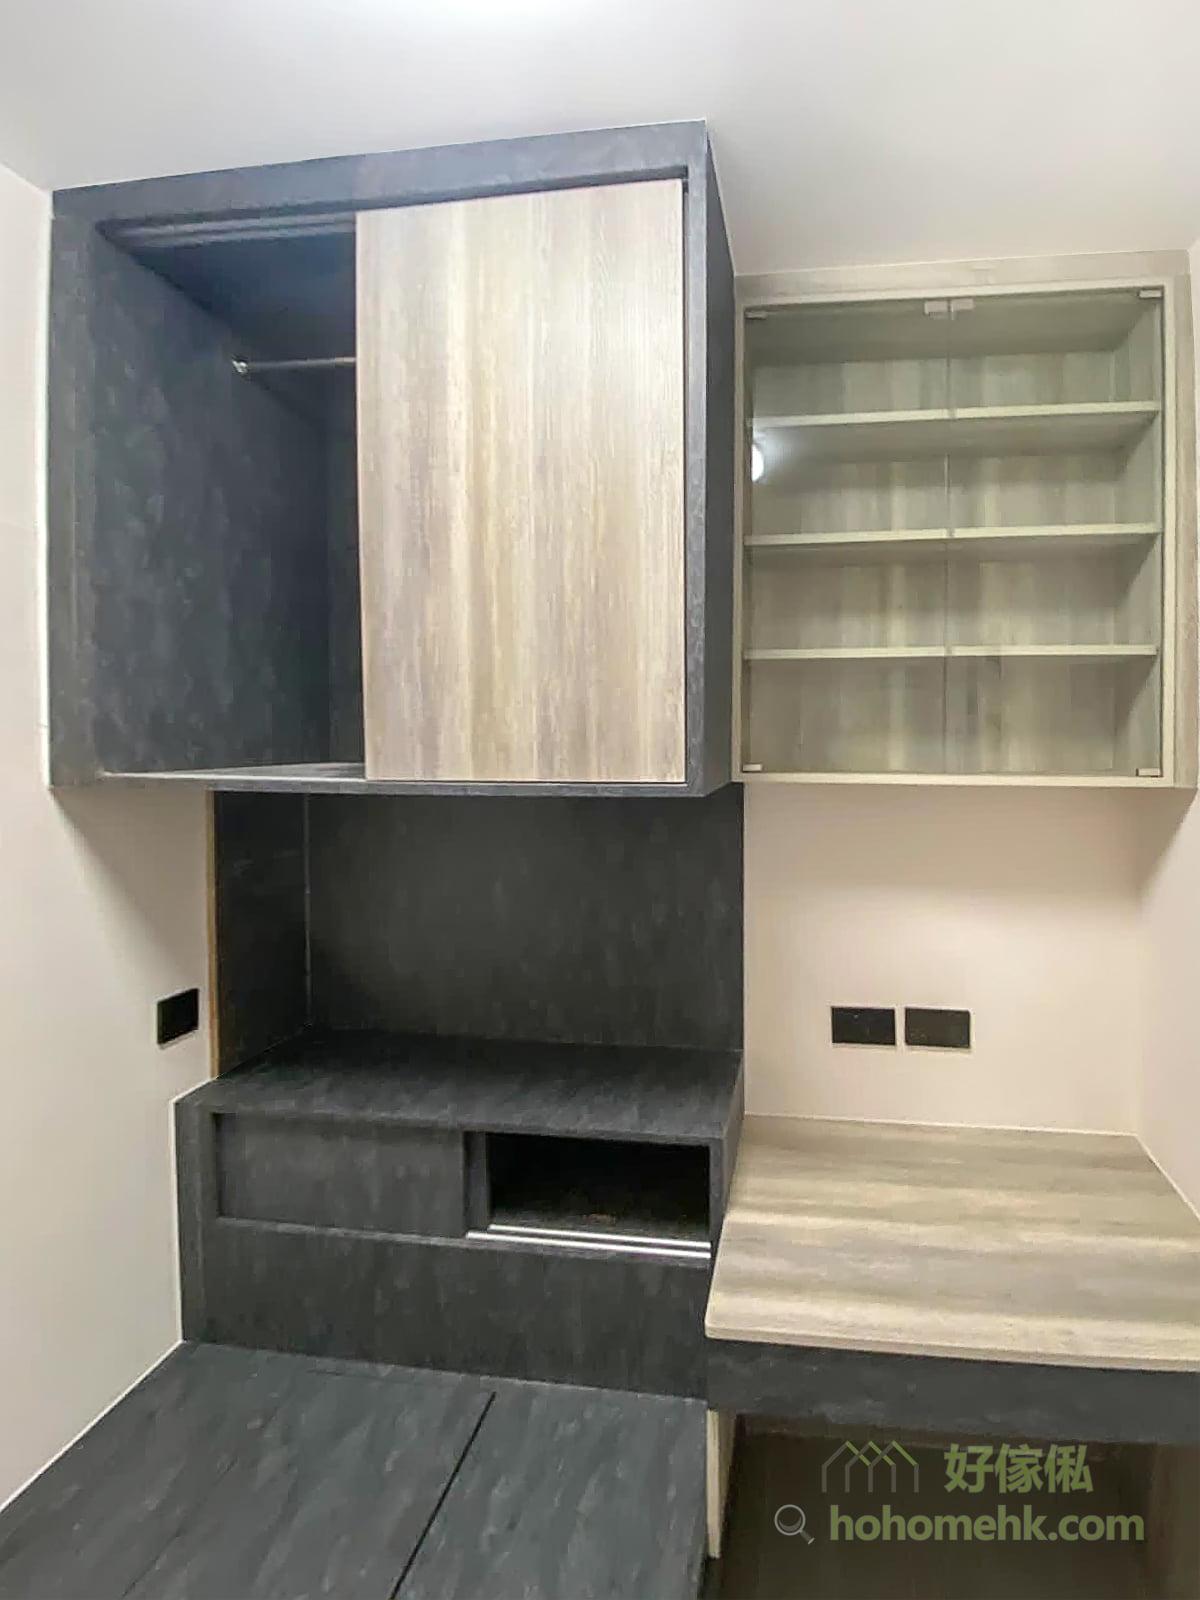 利用地台床大面積的炭黑石紋配小範圍的冷色木紋,以及書枱和書櫃大面積冷色木紋配小範圍的炭黑石紋,做到豐富的層次感,互相襯托又不會互搶風頭的空間個性